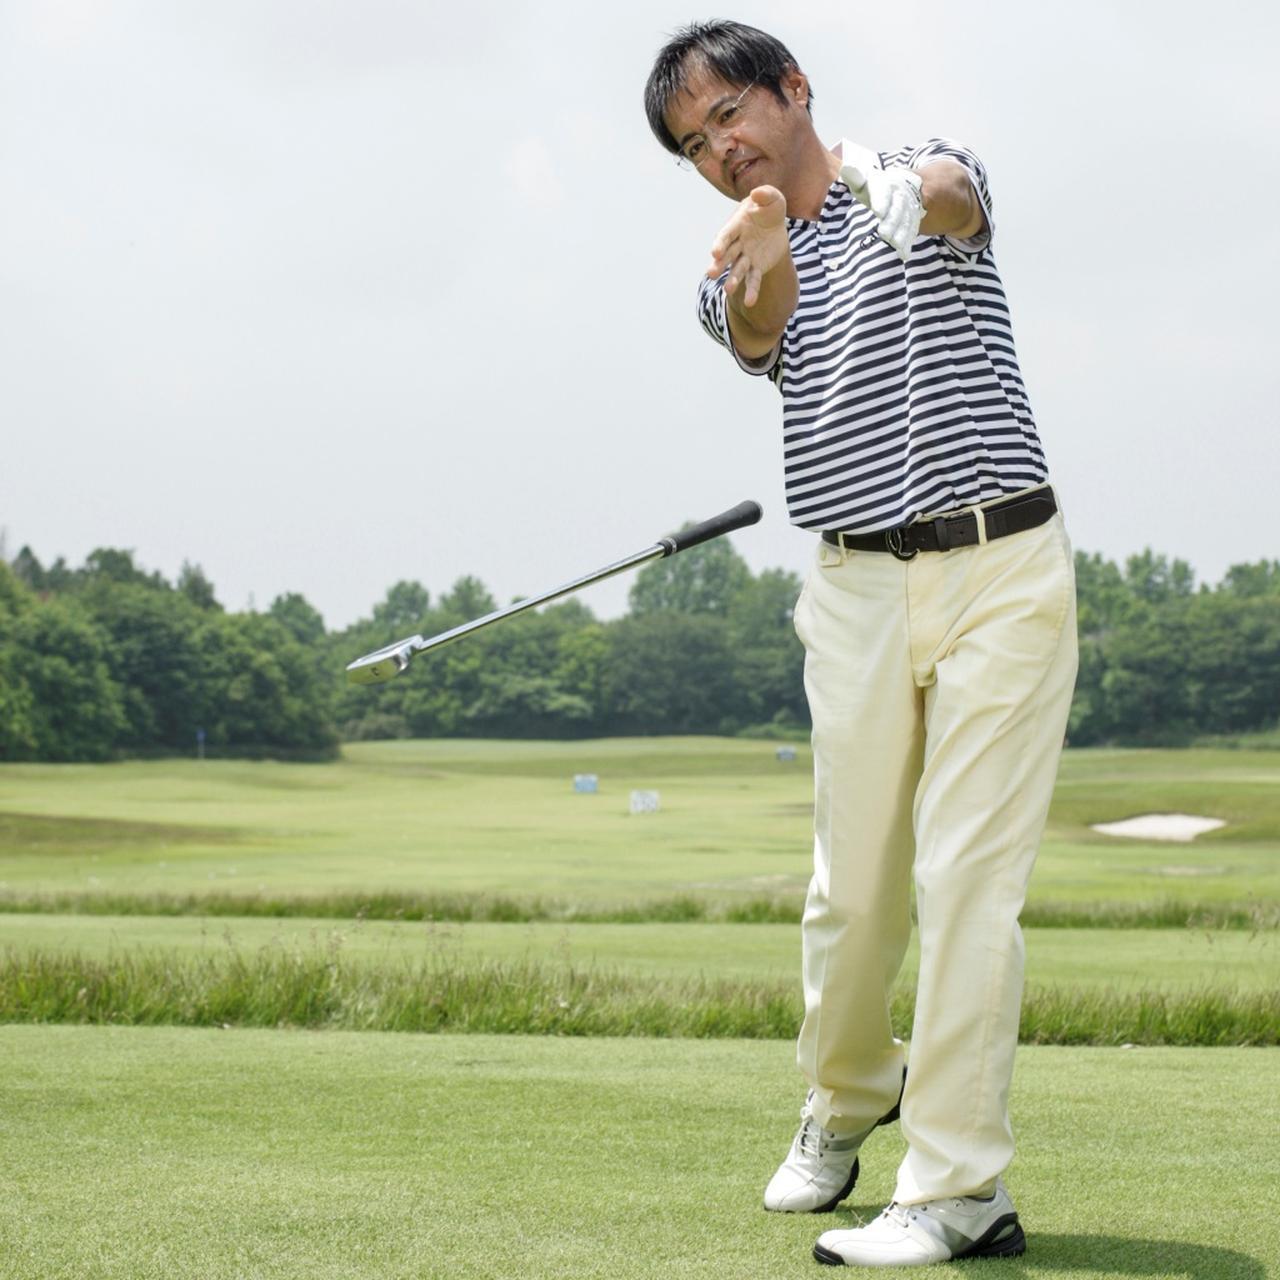 """画像: クラブが""""寄り道""""しなくなる。重量を活かしてスウィングしよう【これでいいの?これだけで飛ぶの?vol.11】 - みんなのゴルフダイジェスト"""